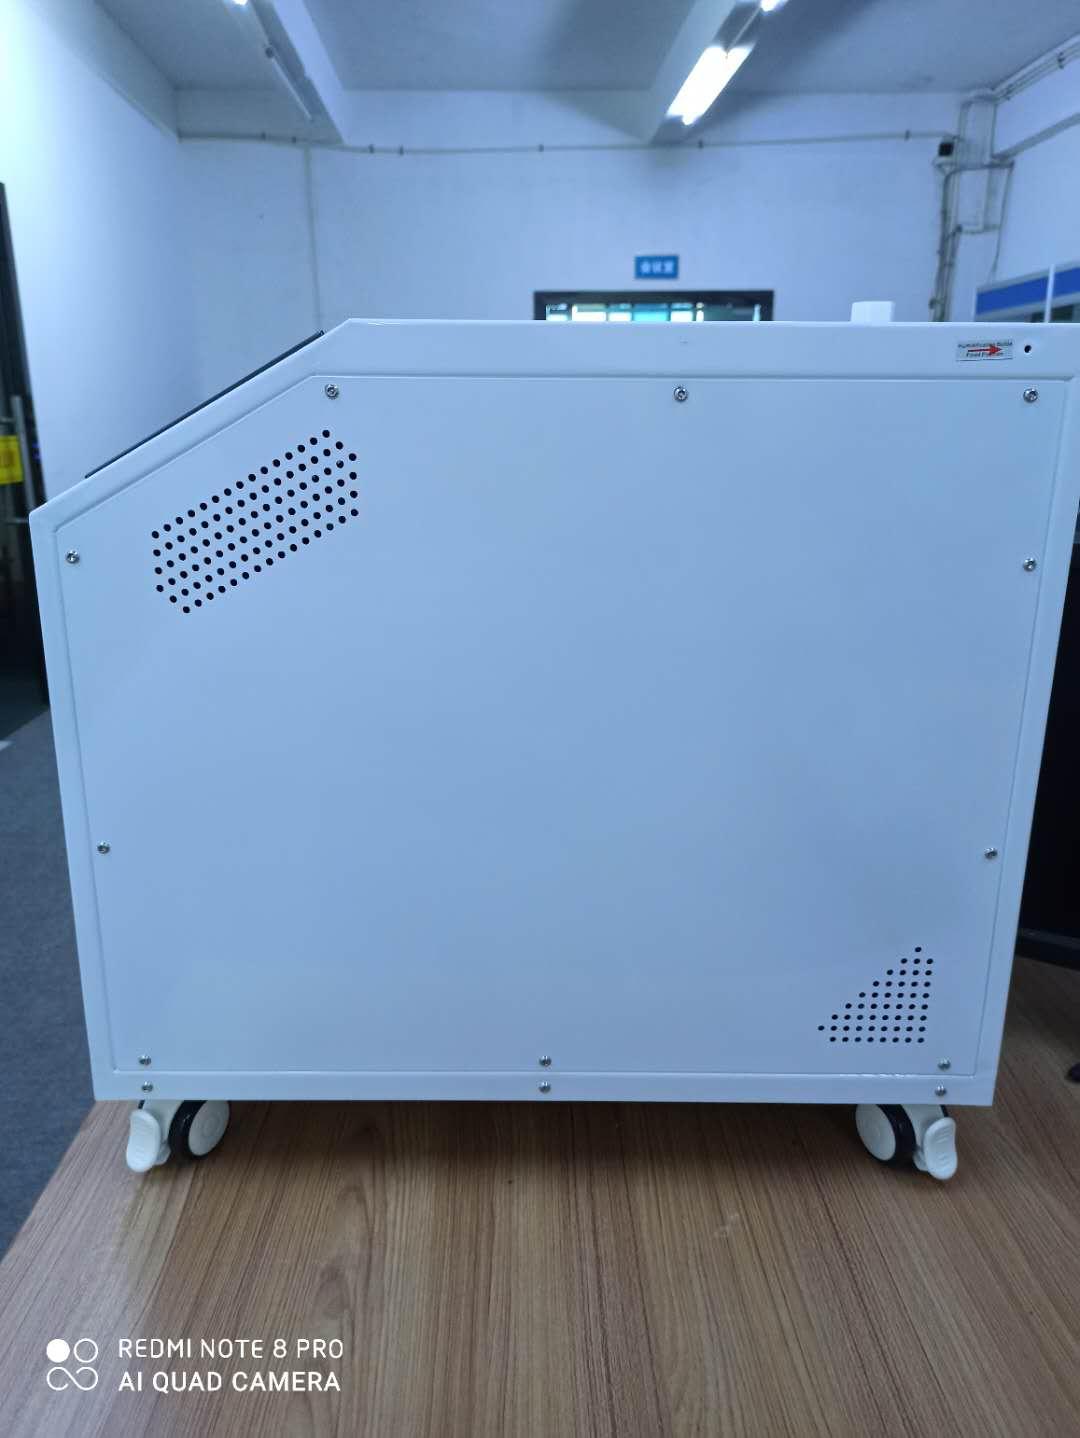 江门氢气机 贴心服务 广州稳达科技供应